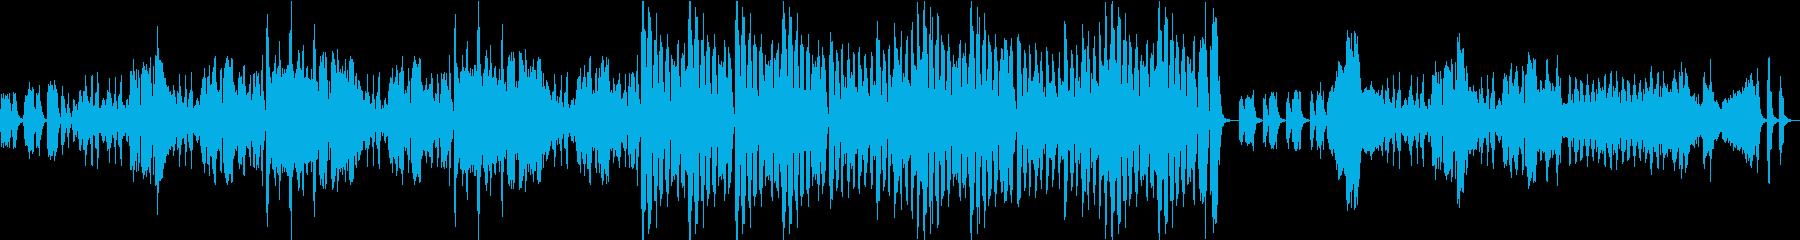 シャルル・グノーの曲のクラシックアレンジの再生済みの波形